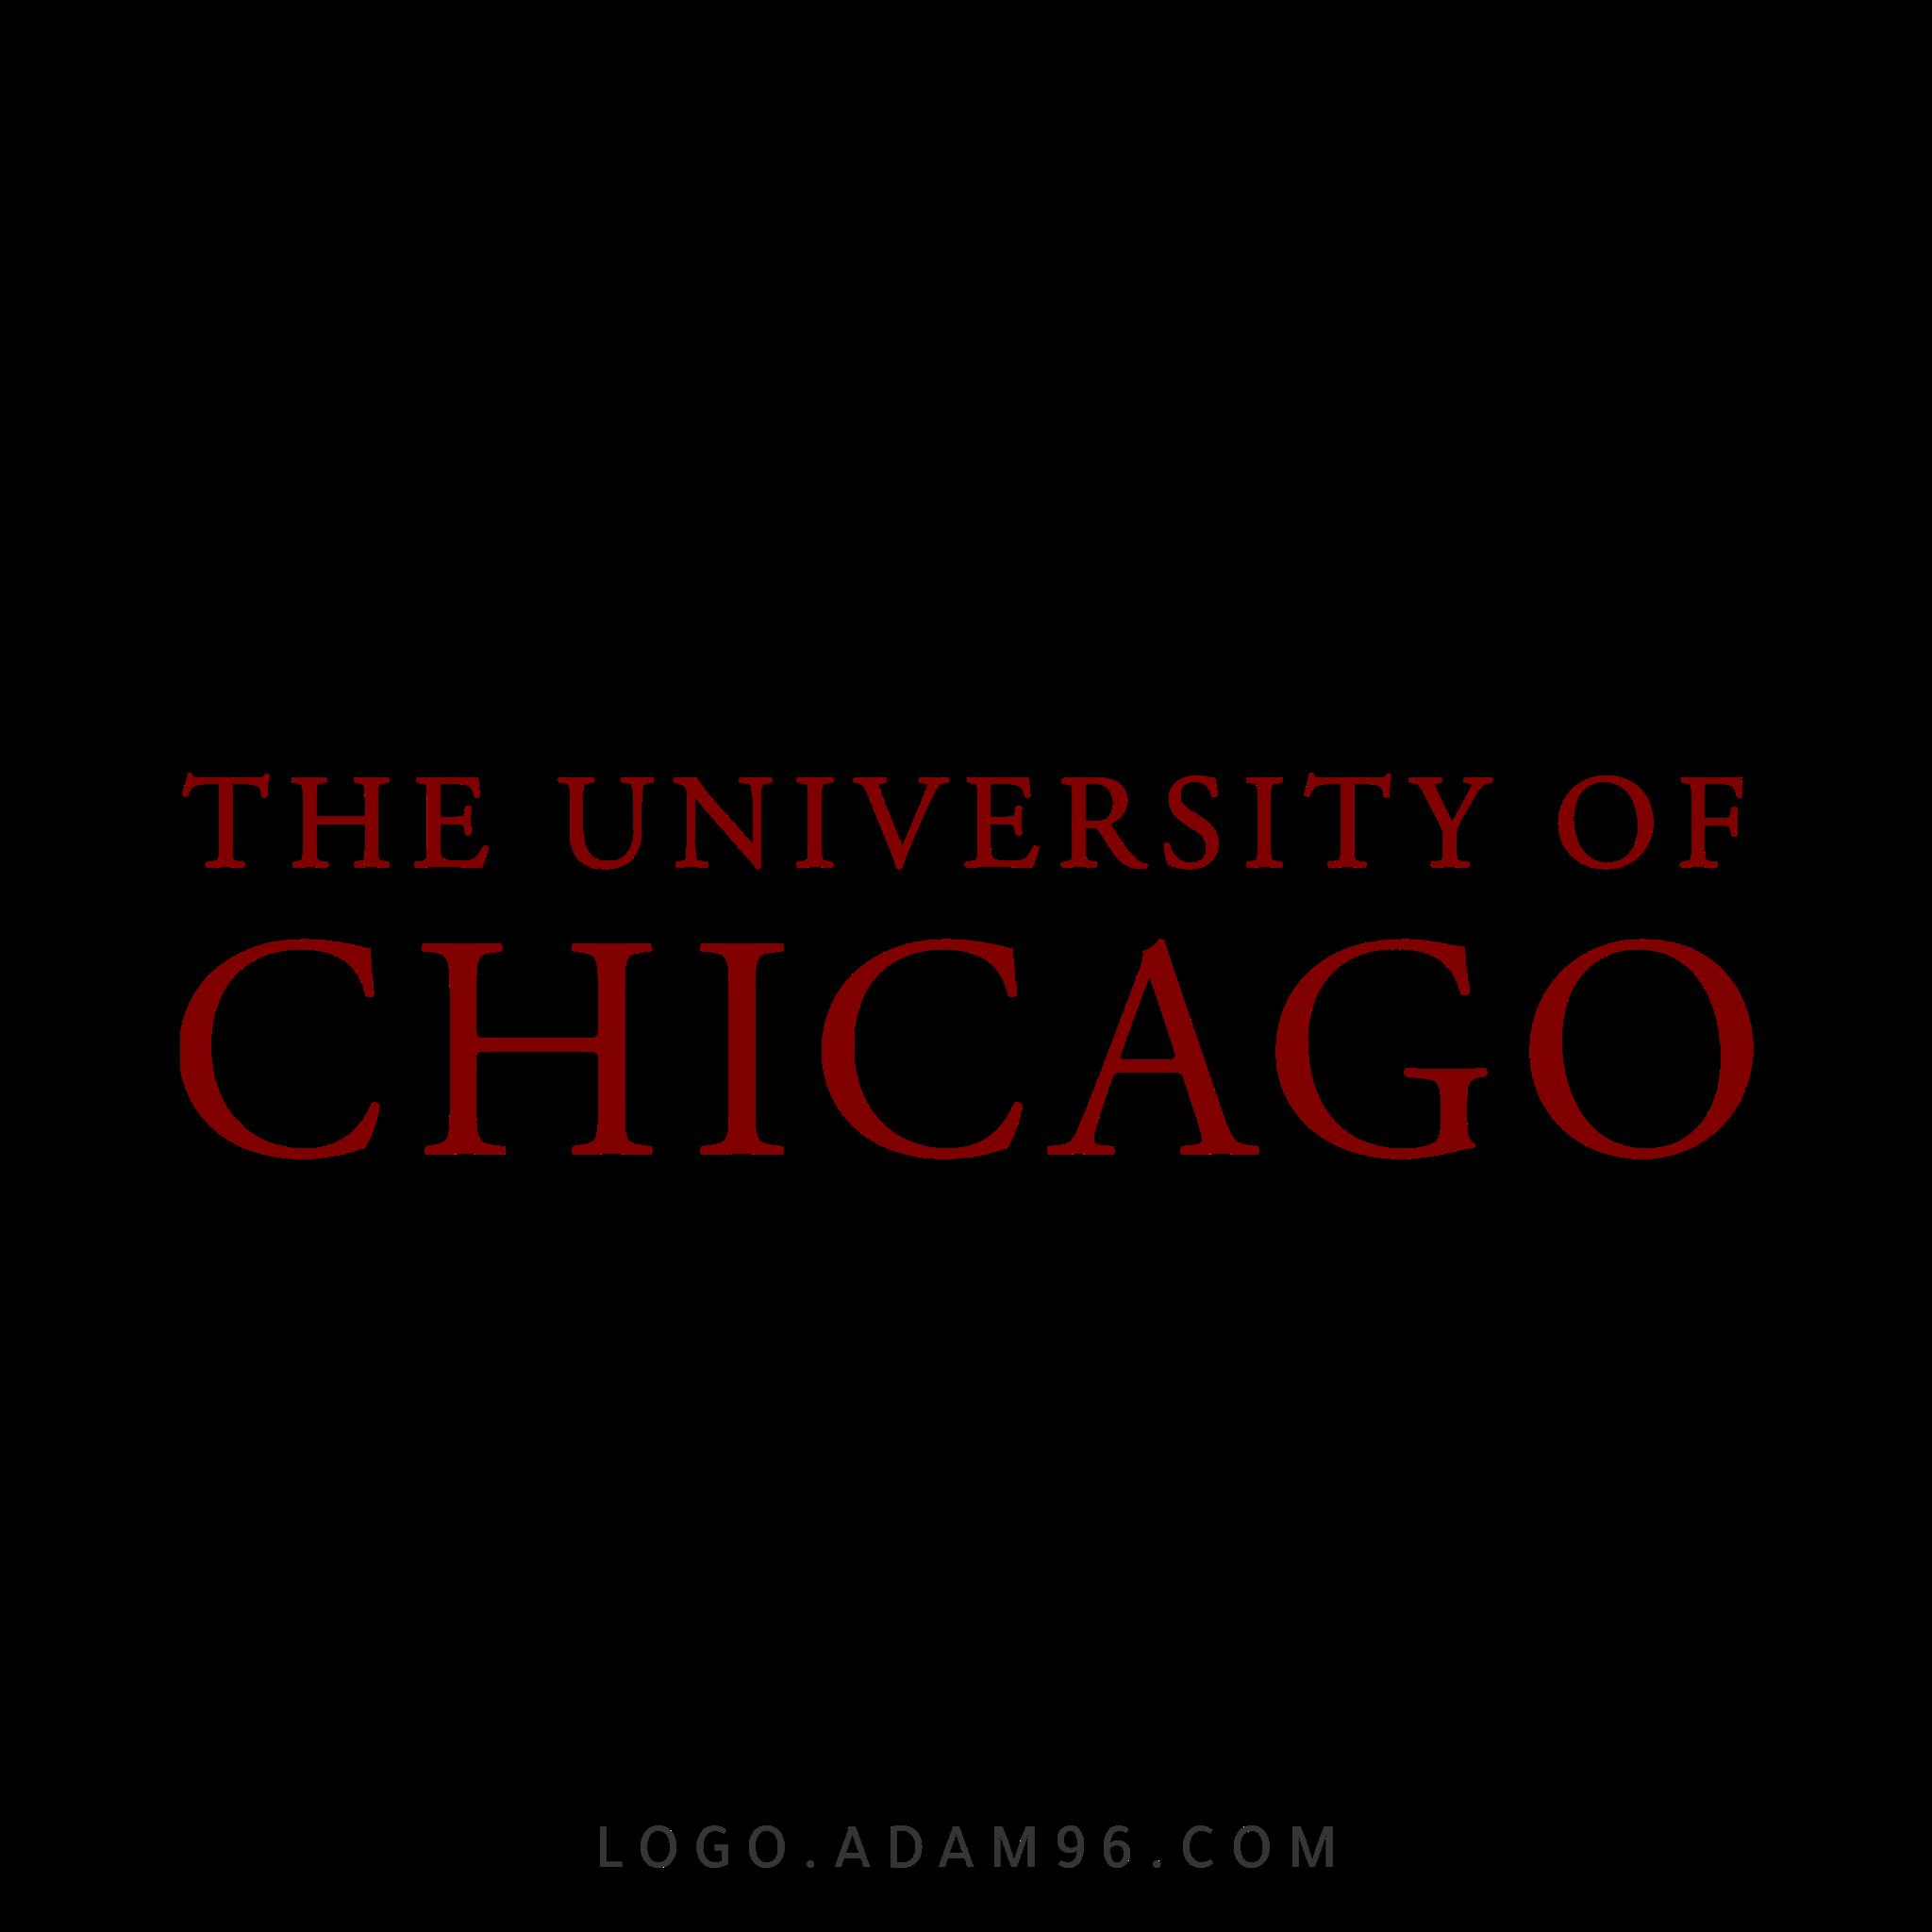 تحميل شعار جامعة شيكاغو لوجو شفاف Logo University of Chicago PNG